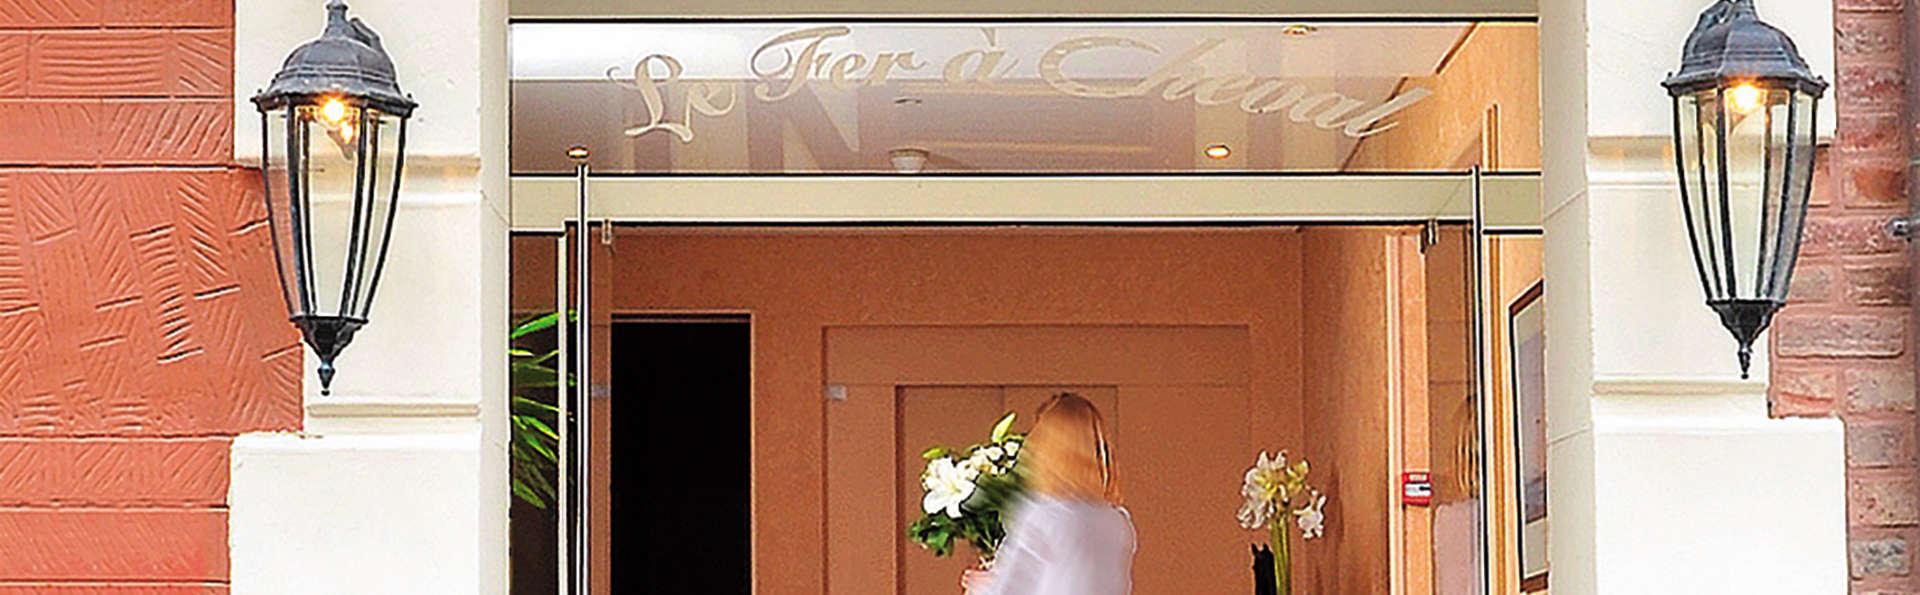 Hôtel Le Fer à Cheval - Edit_Entrance.jpg